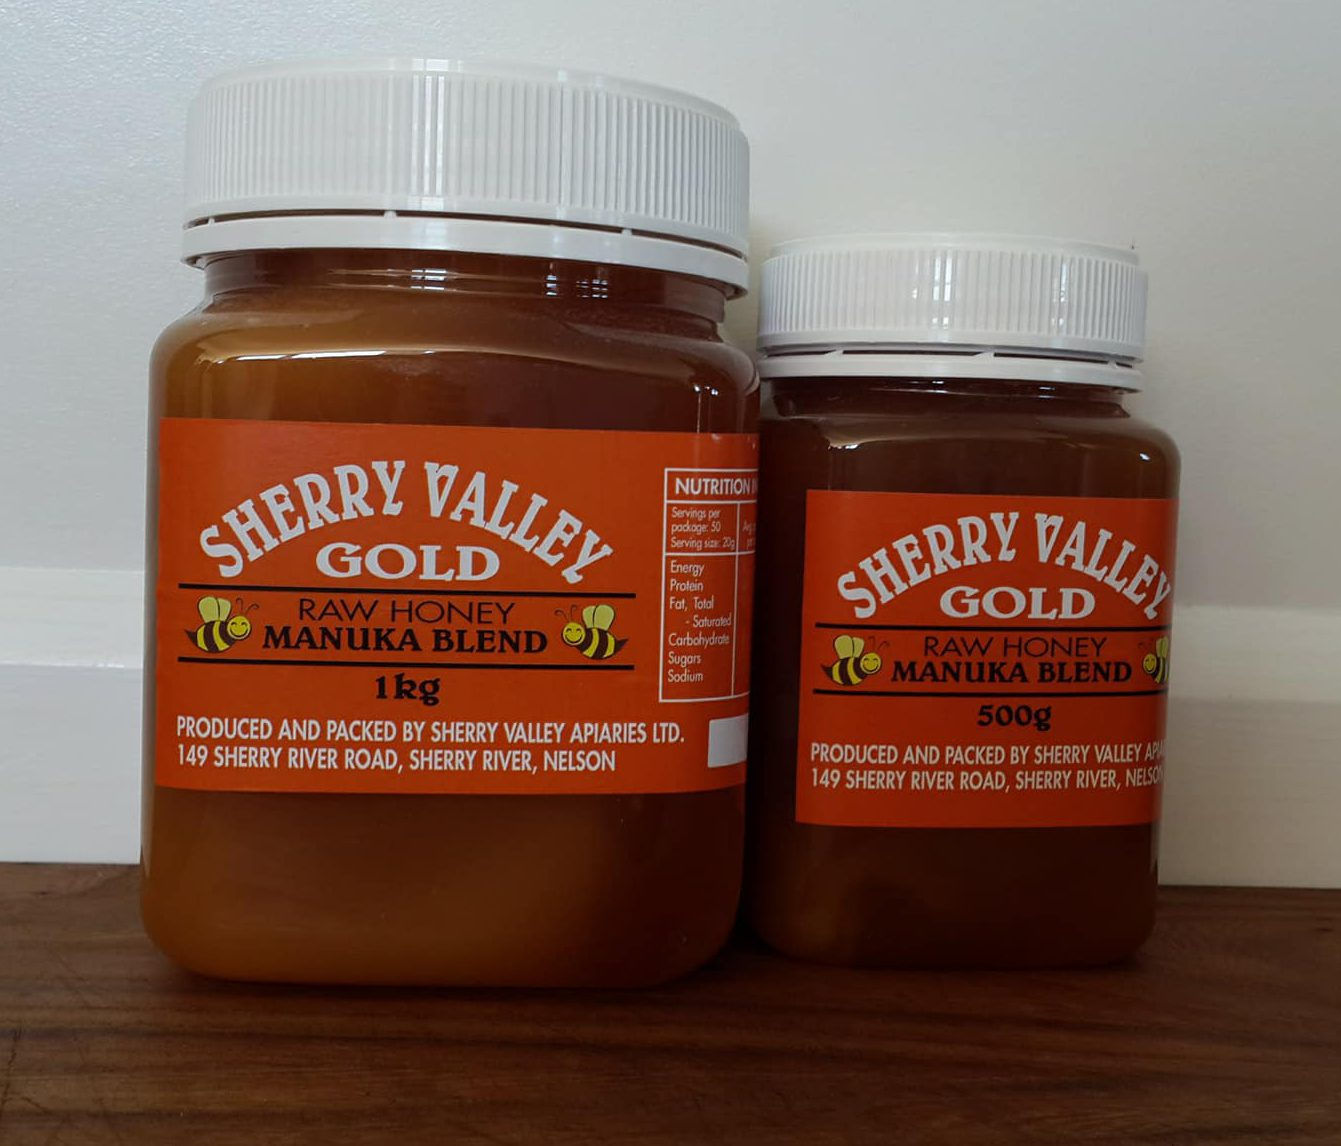 Manuka Blend Honey